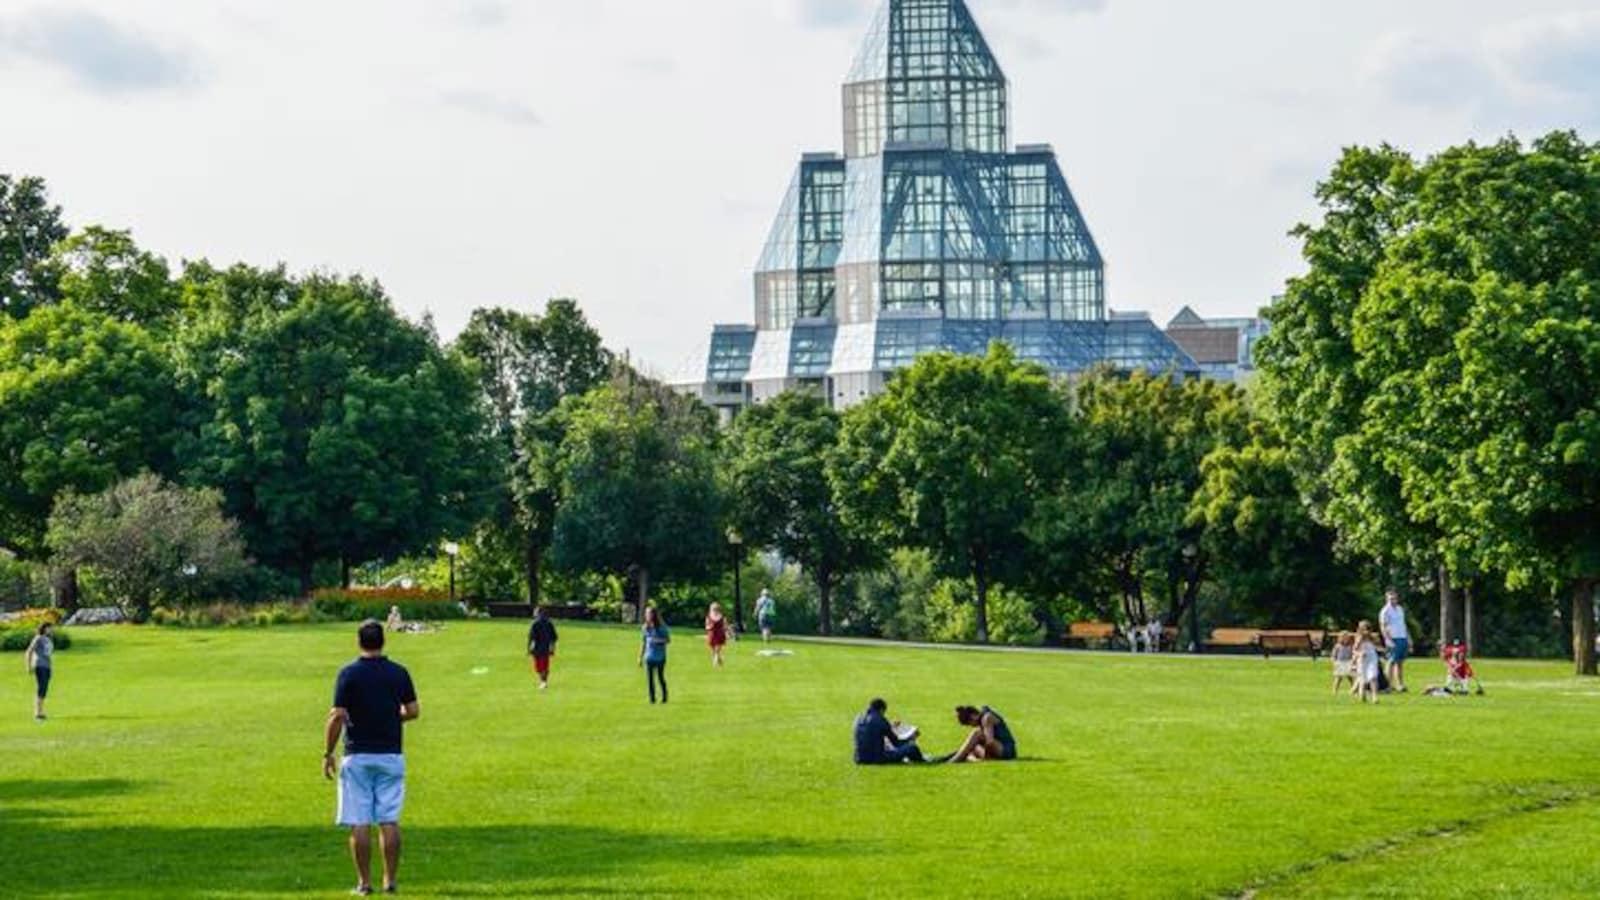 Des gens qui marchent et des gens qui sont assis sur le gazon devant le Musée des beaux-arts du Canada.